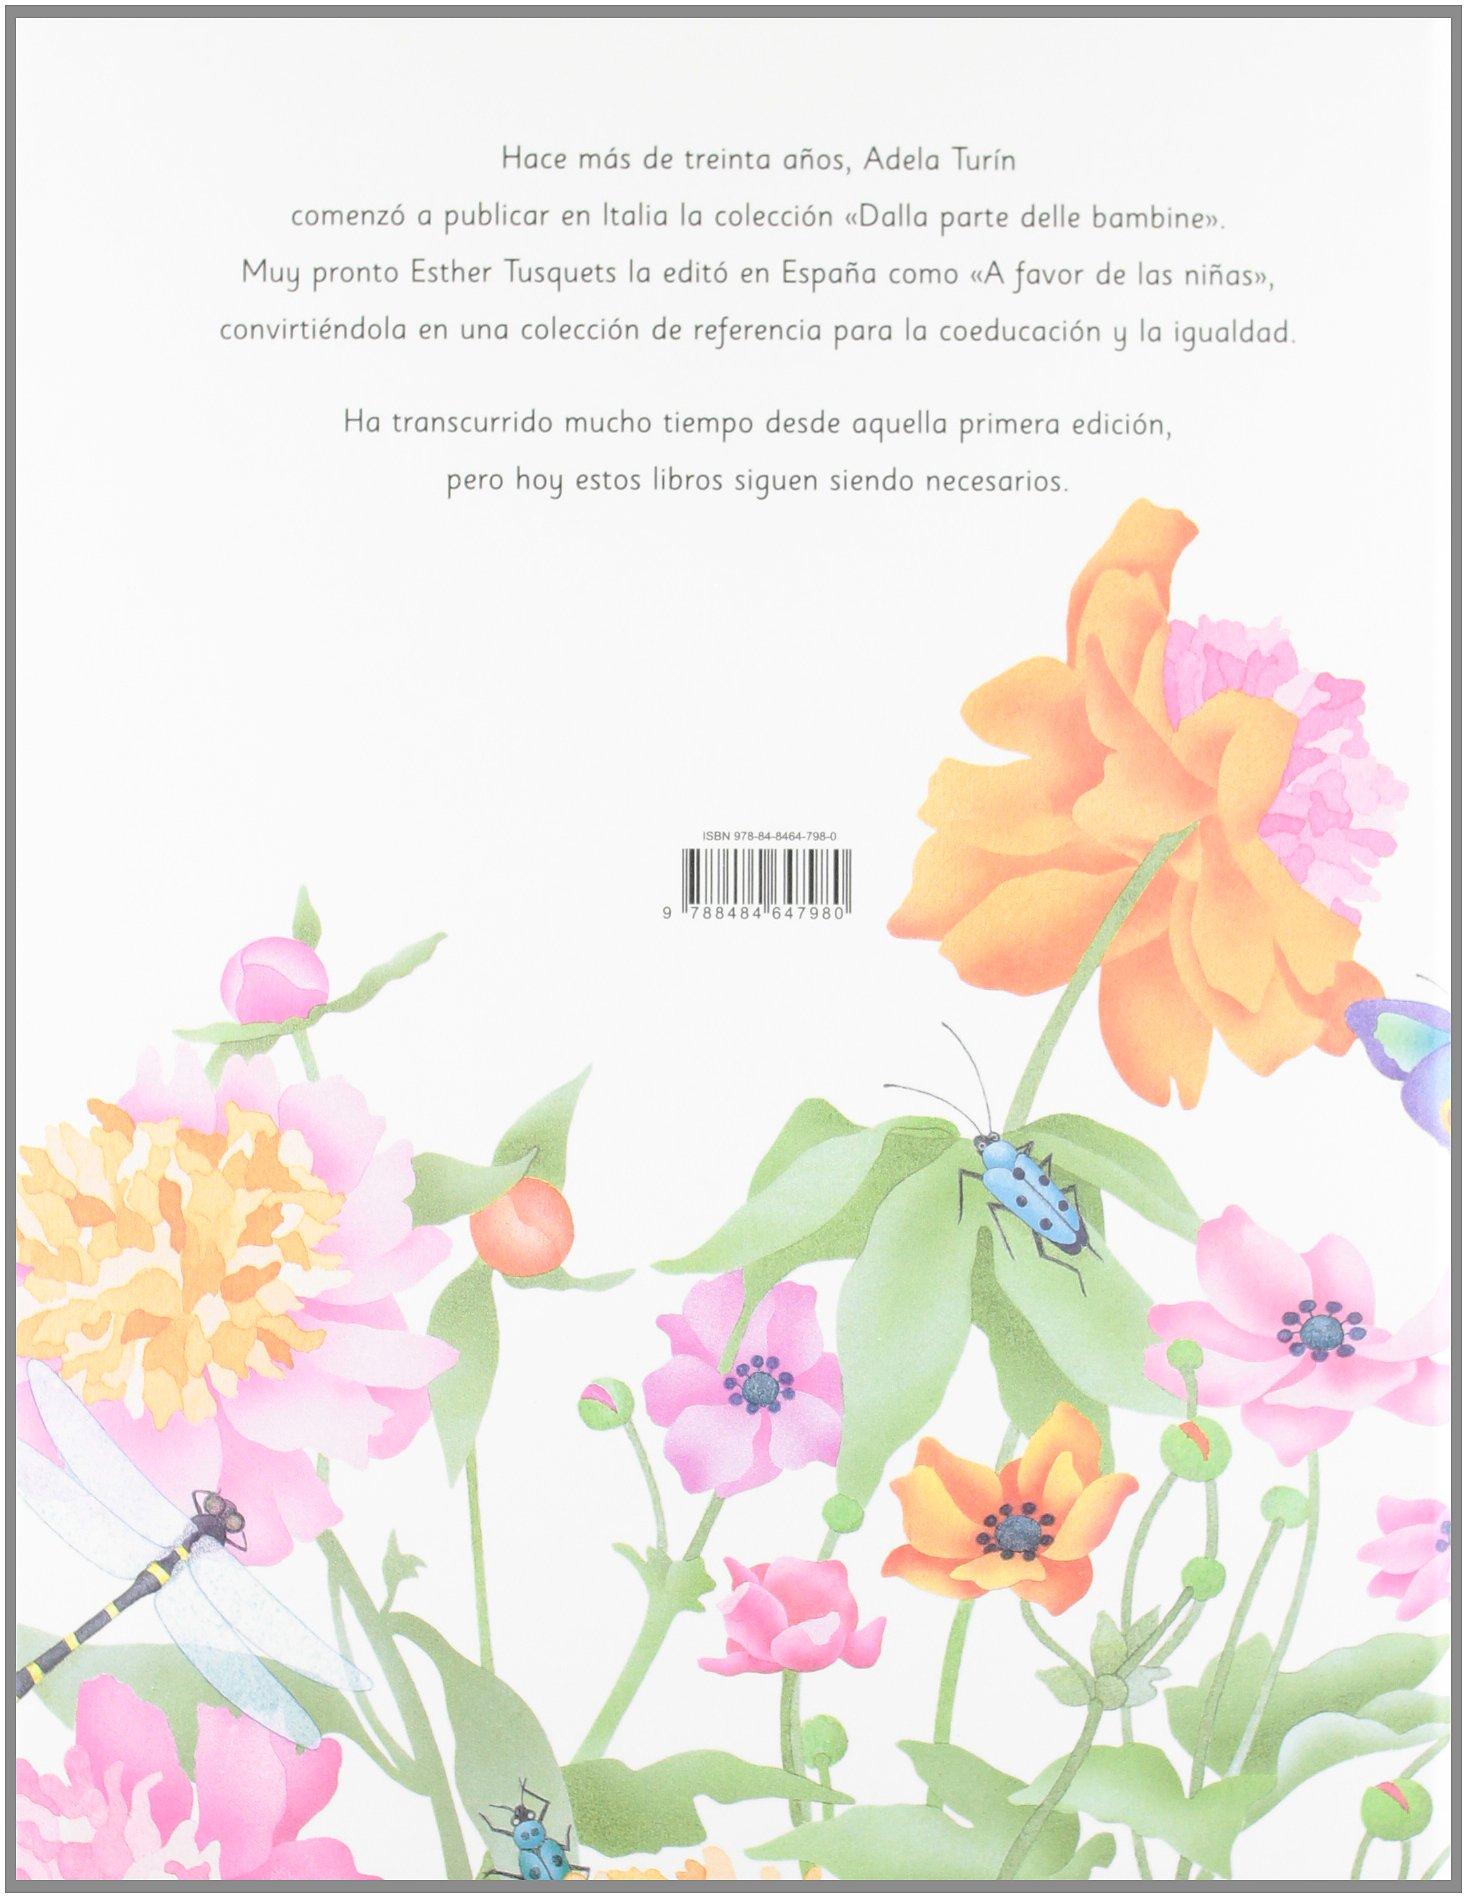 Rosa Caramelo (libros para soñar): Amazon.es: Adela Turin, Nella Bosnia,  Xosé Ballesteros: Libros